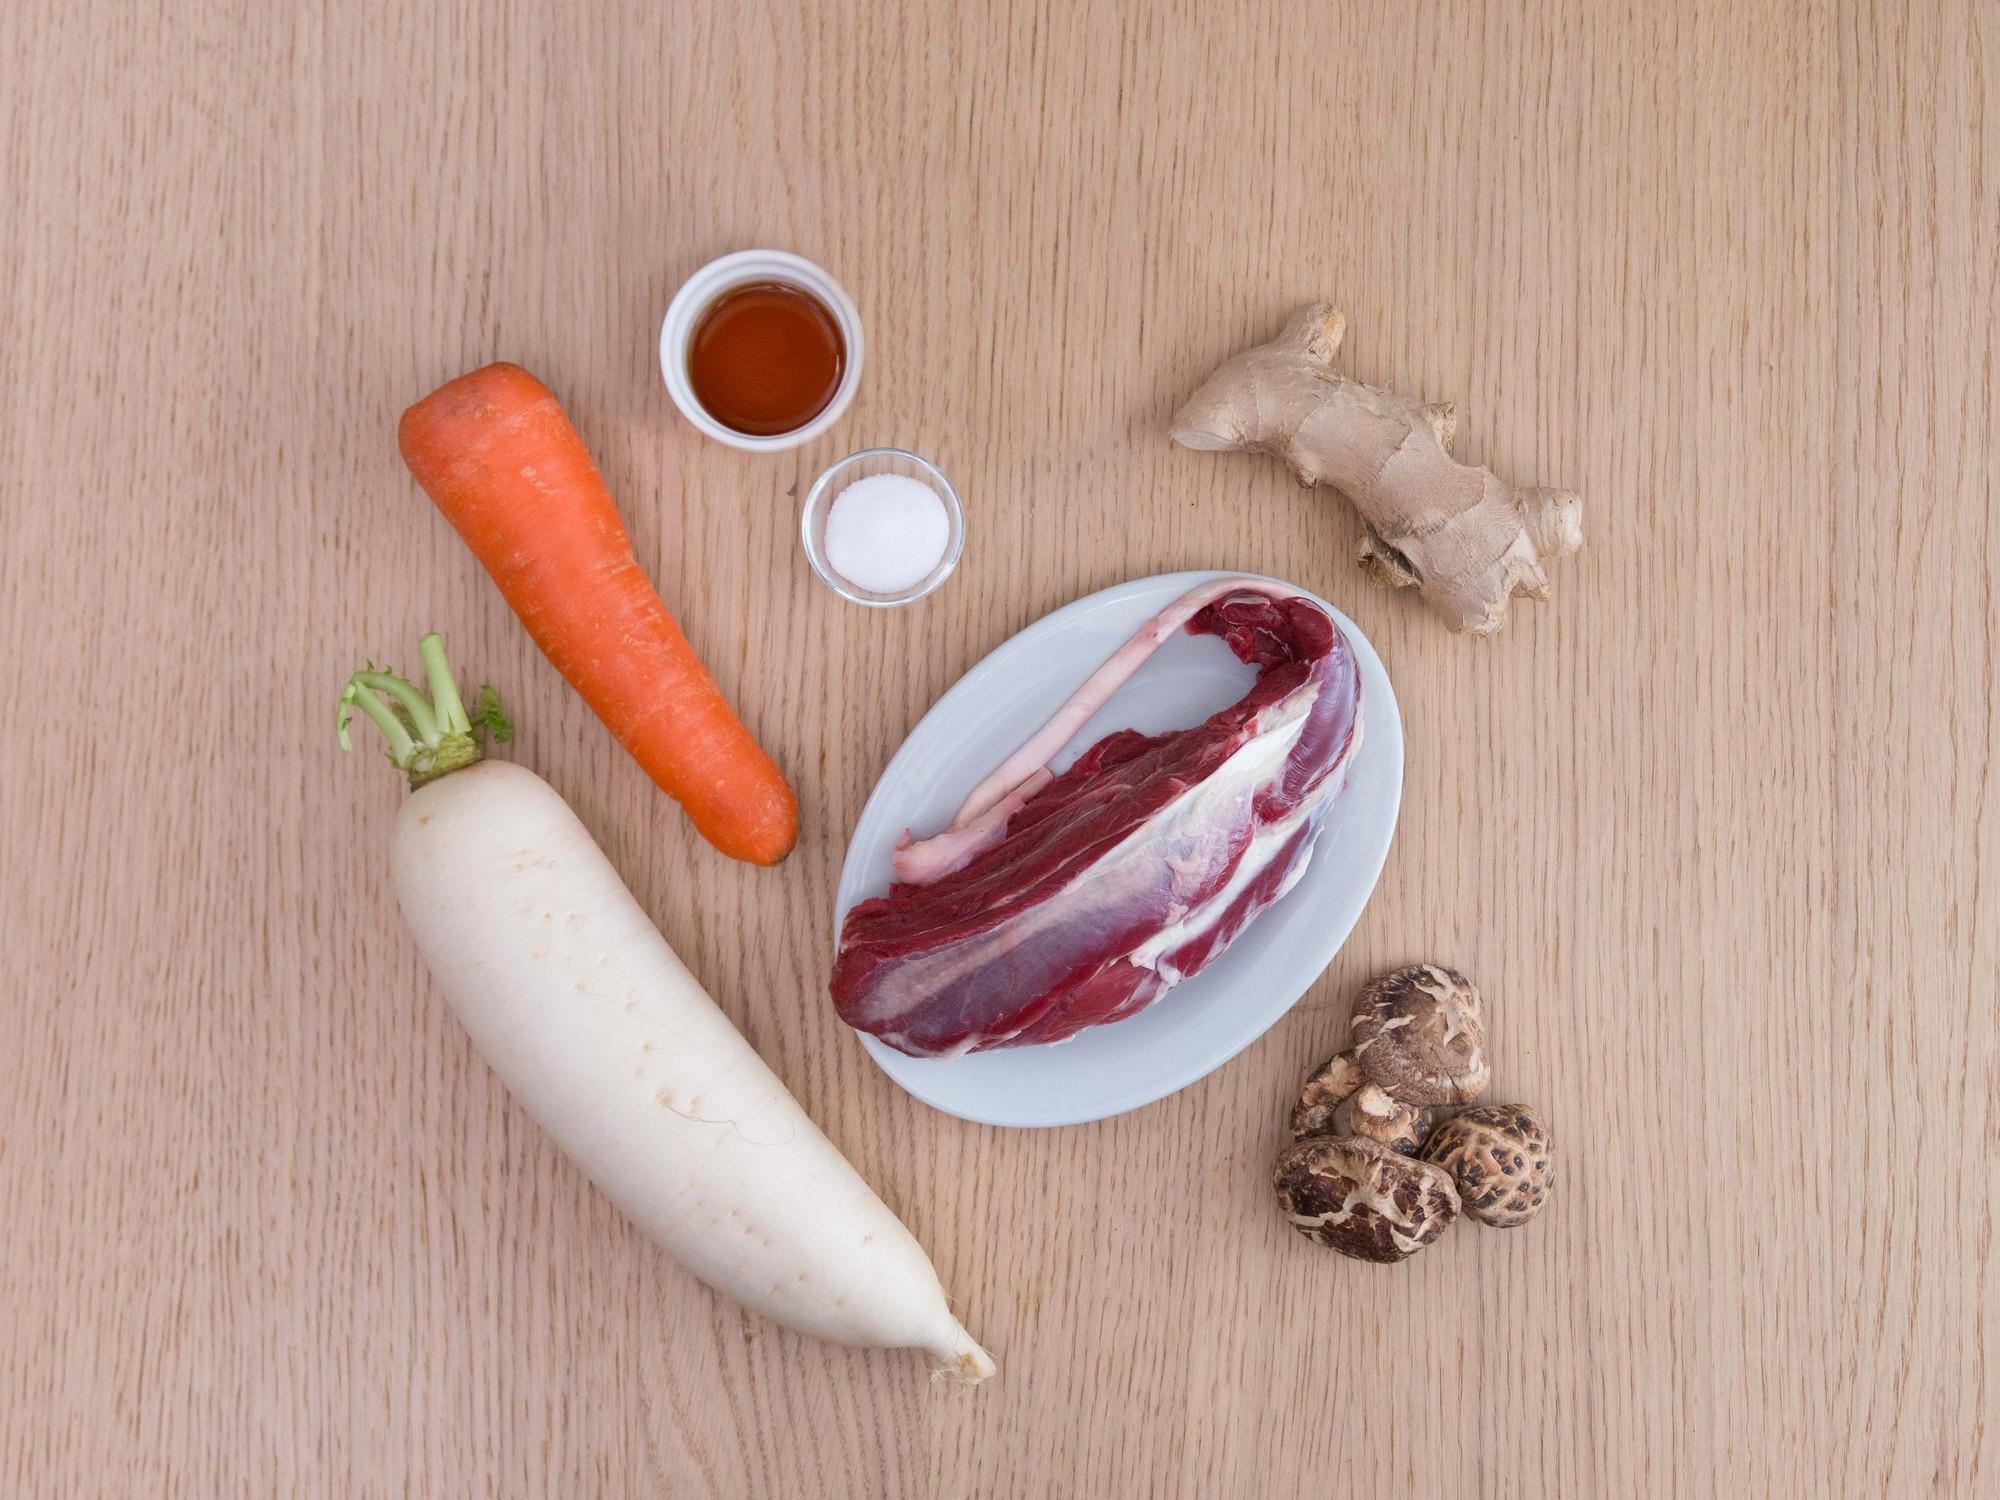 Nhân ngày mát trời hãy làm món bò hầm rau củ thơm ngon nóng hổi